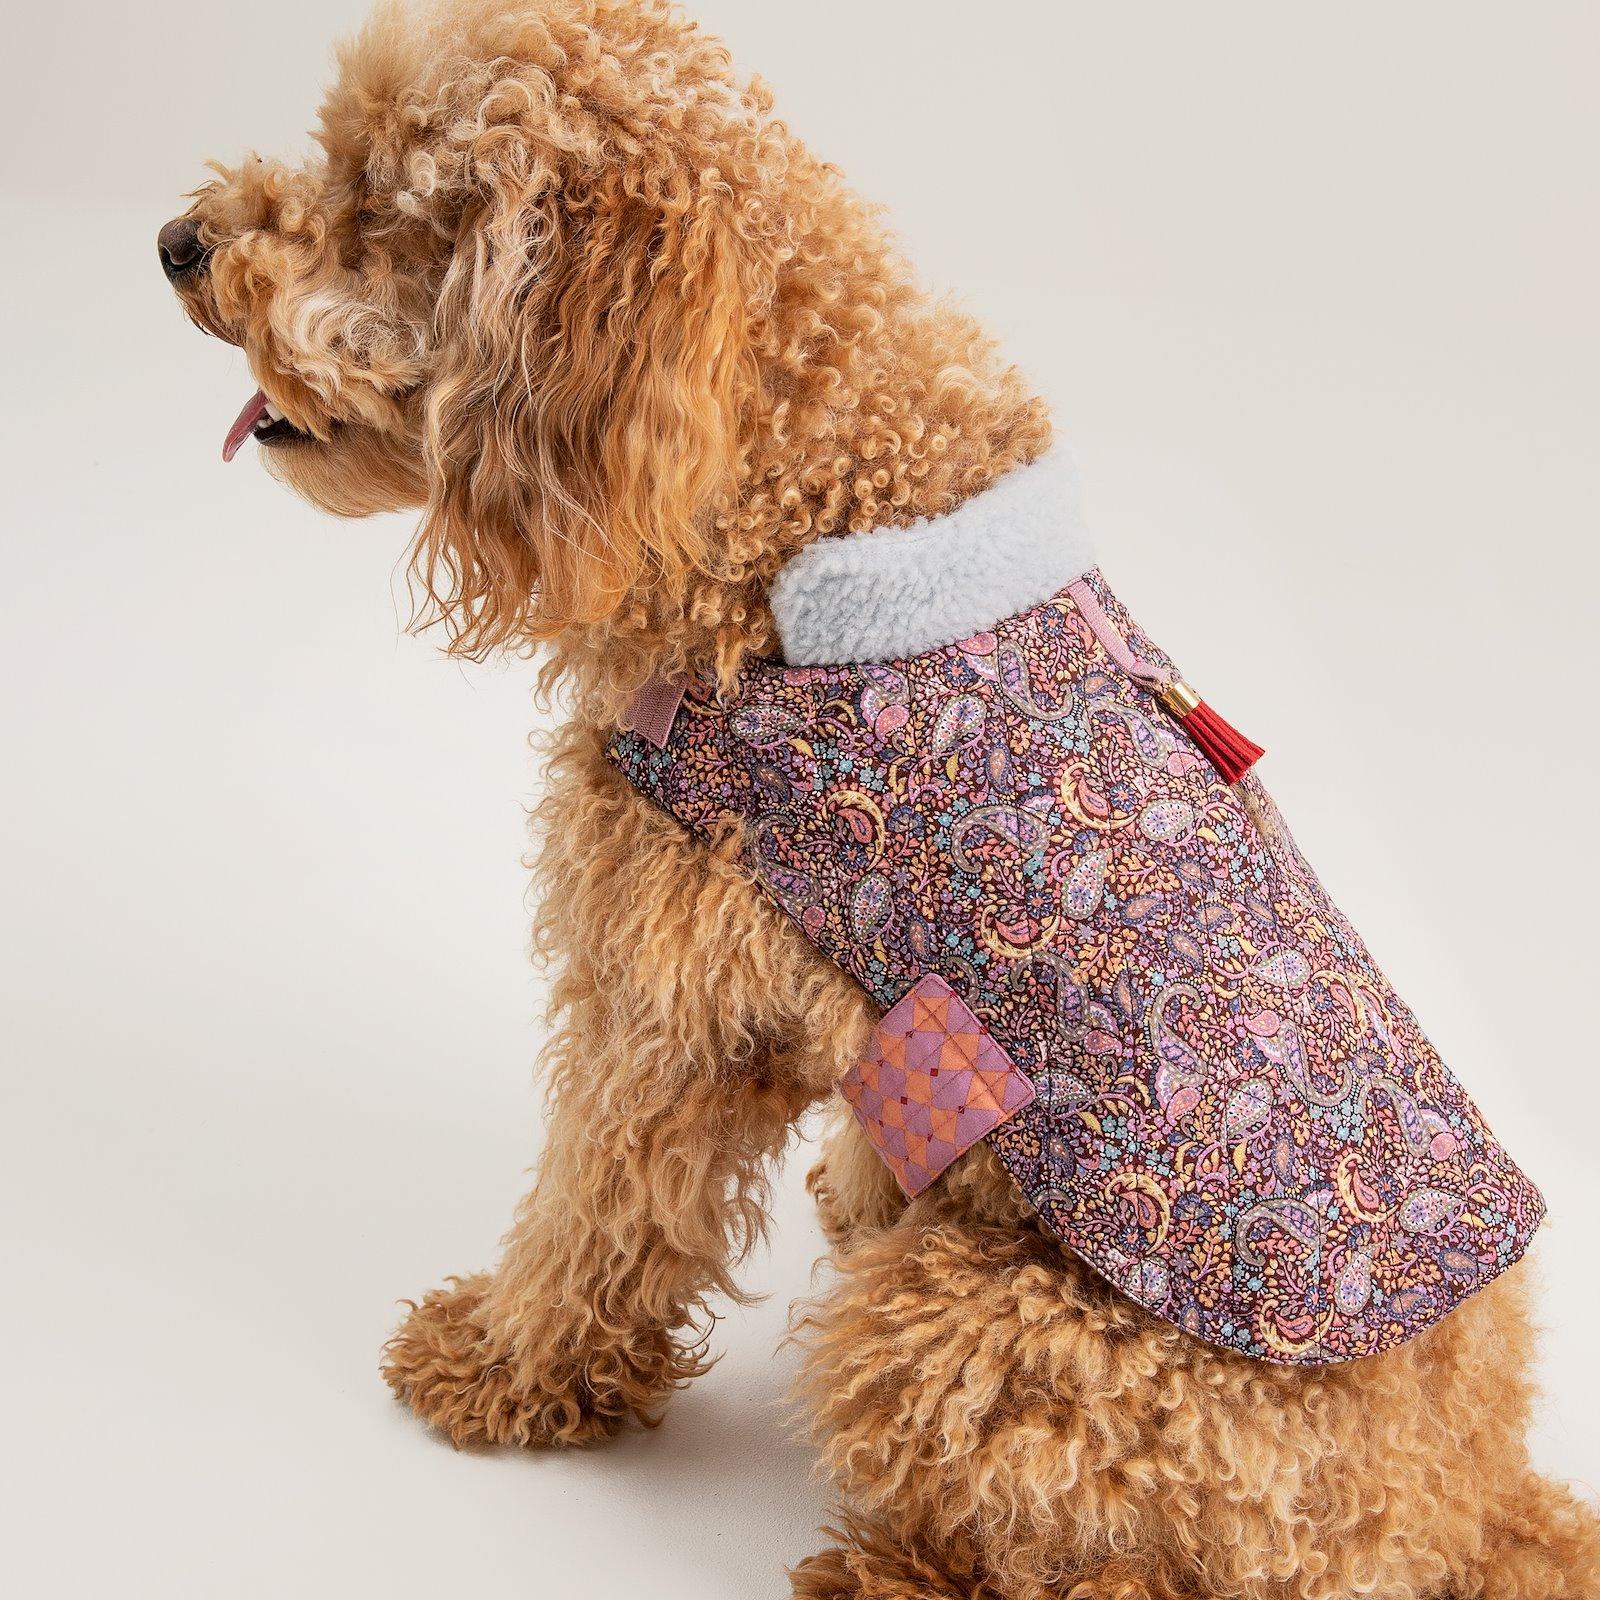 Dog coat p90346_852409_852410_780542_910281_22303_22307_30040_45201_sskit